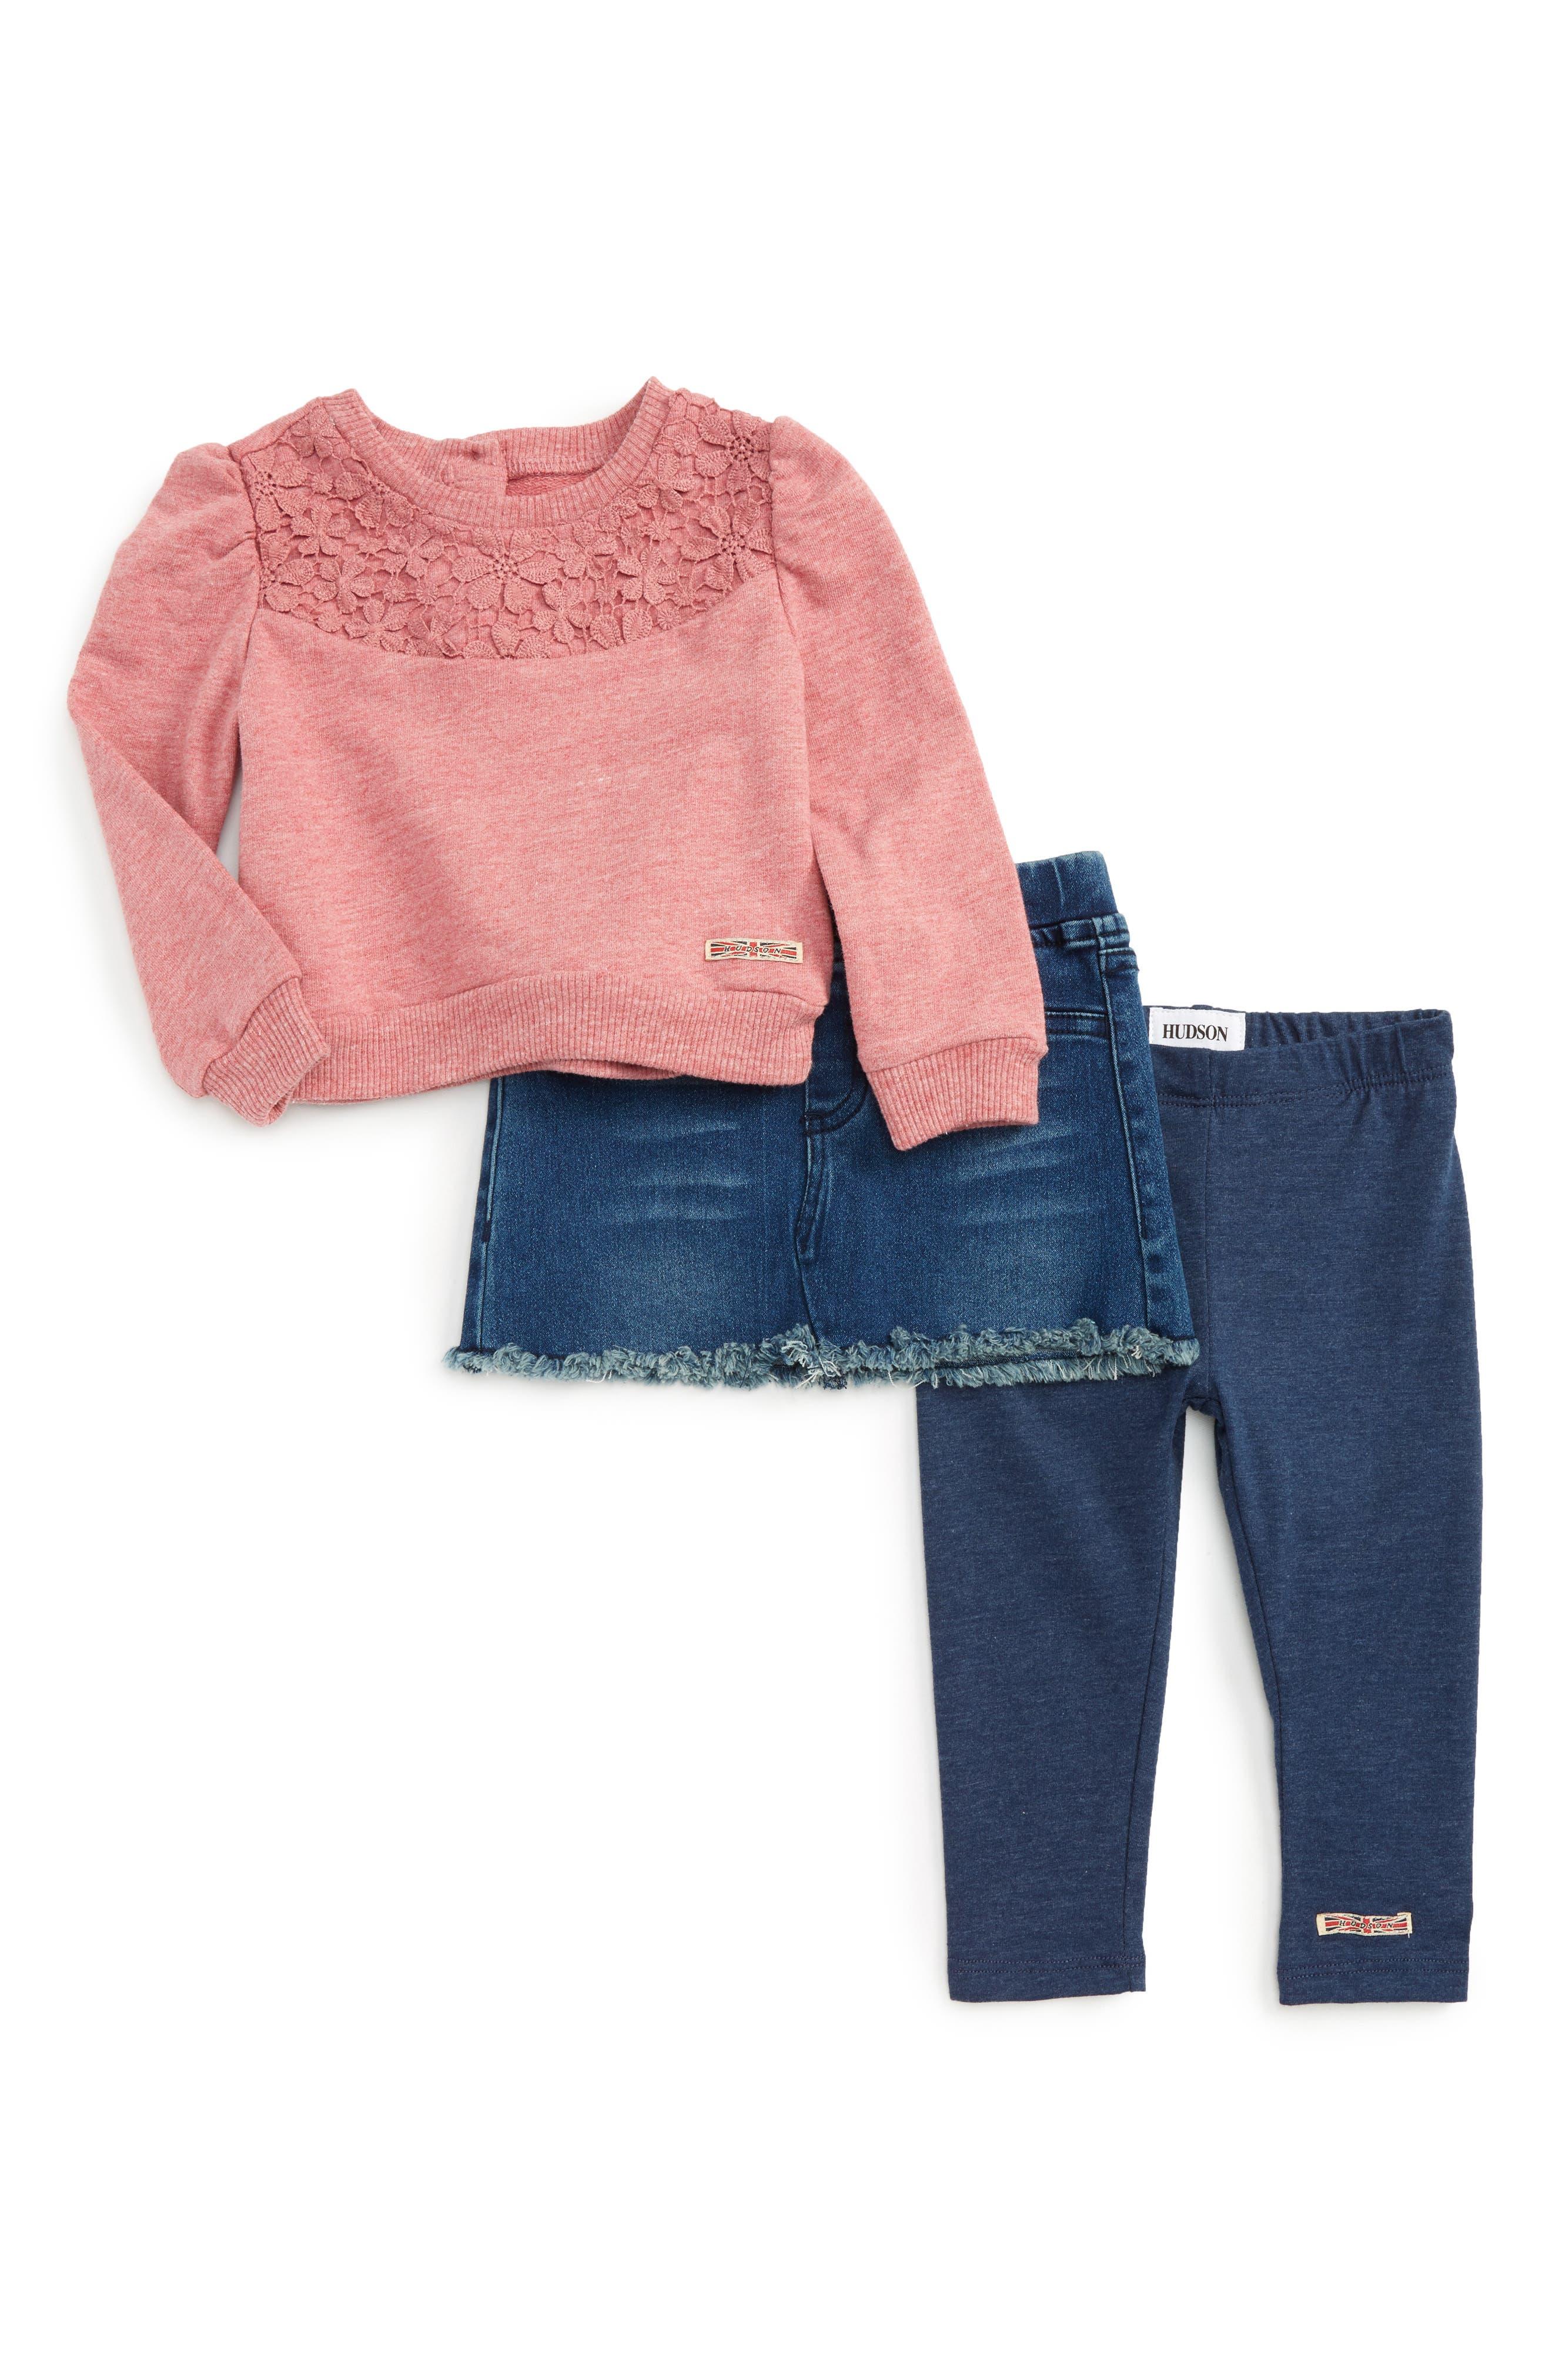 Hudson Kids Crochet Pullover, Denim Skirt & Leggings Set (Baby Girls)